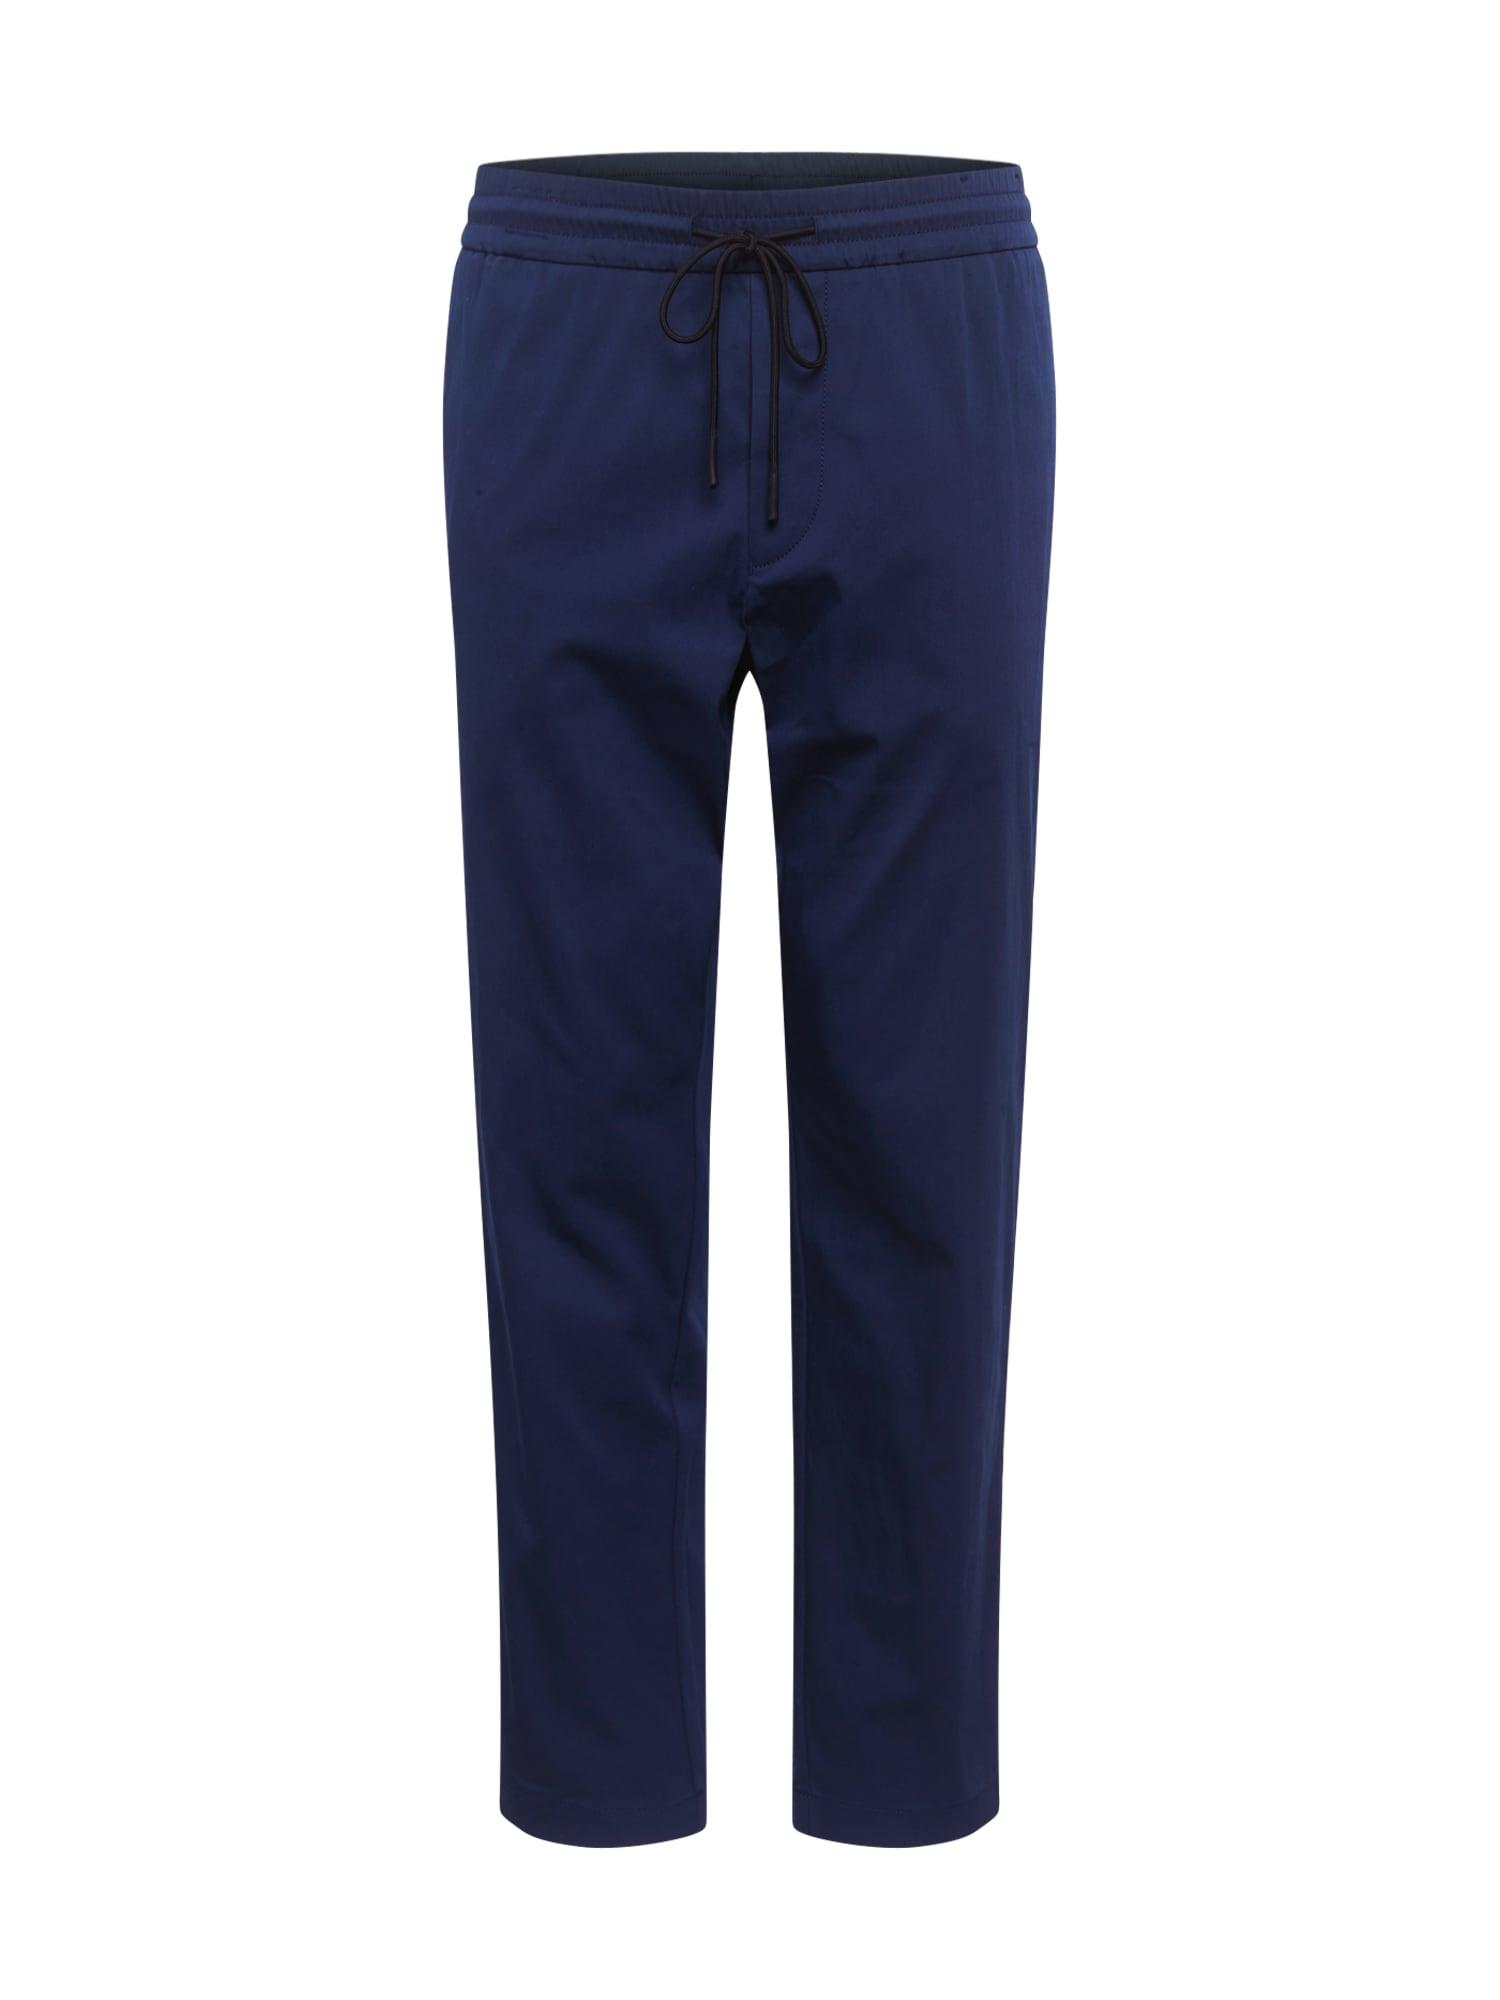 BOSS ATHLEISURE Kalhoty 'Keen2-11'  námořnická modř